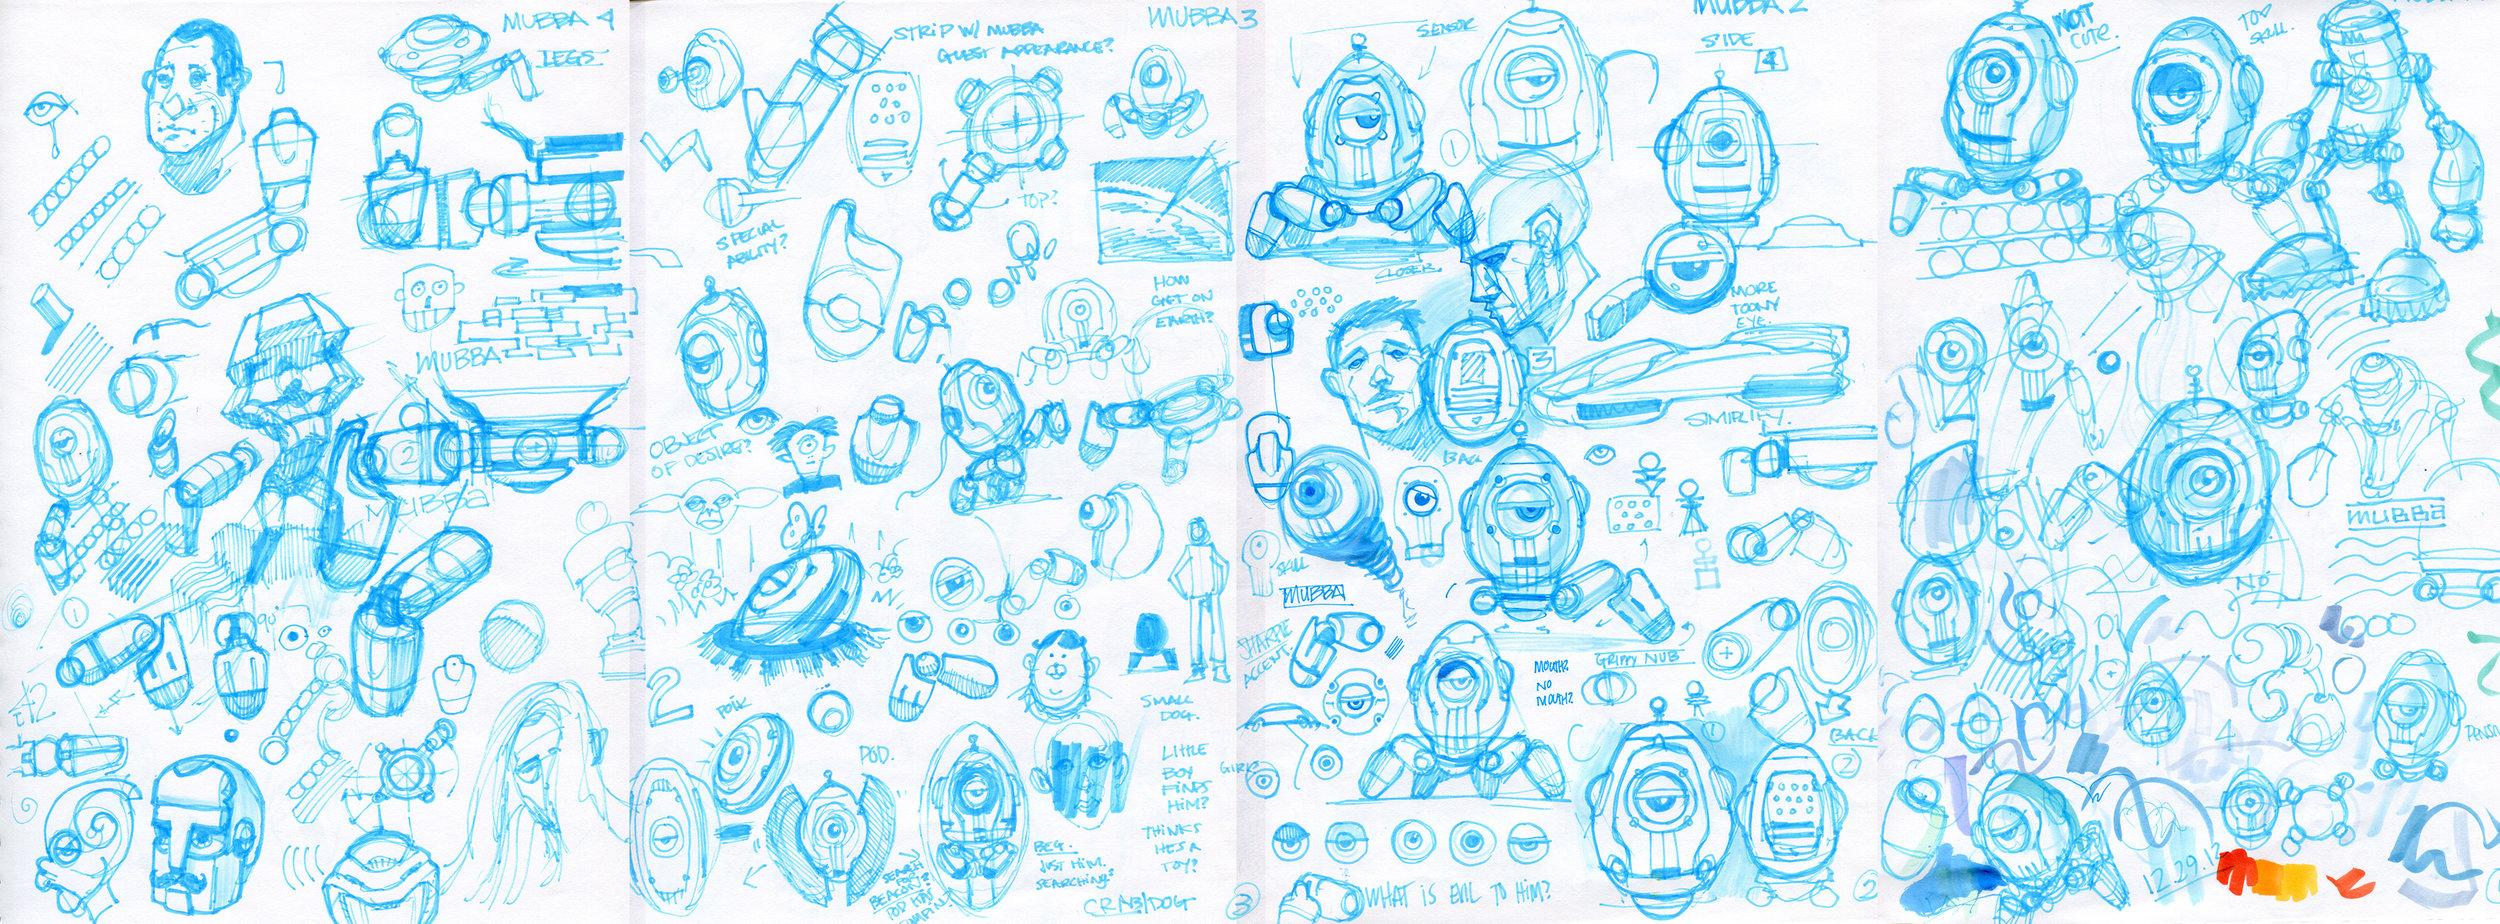 MubbaSketches_01.jpg